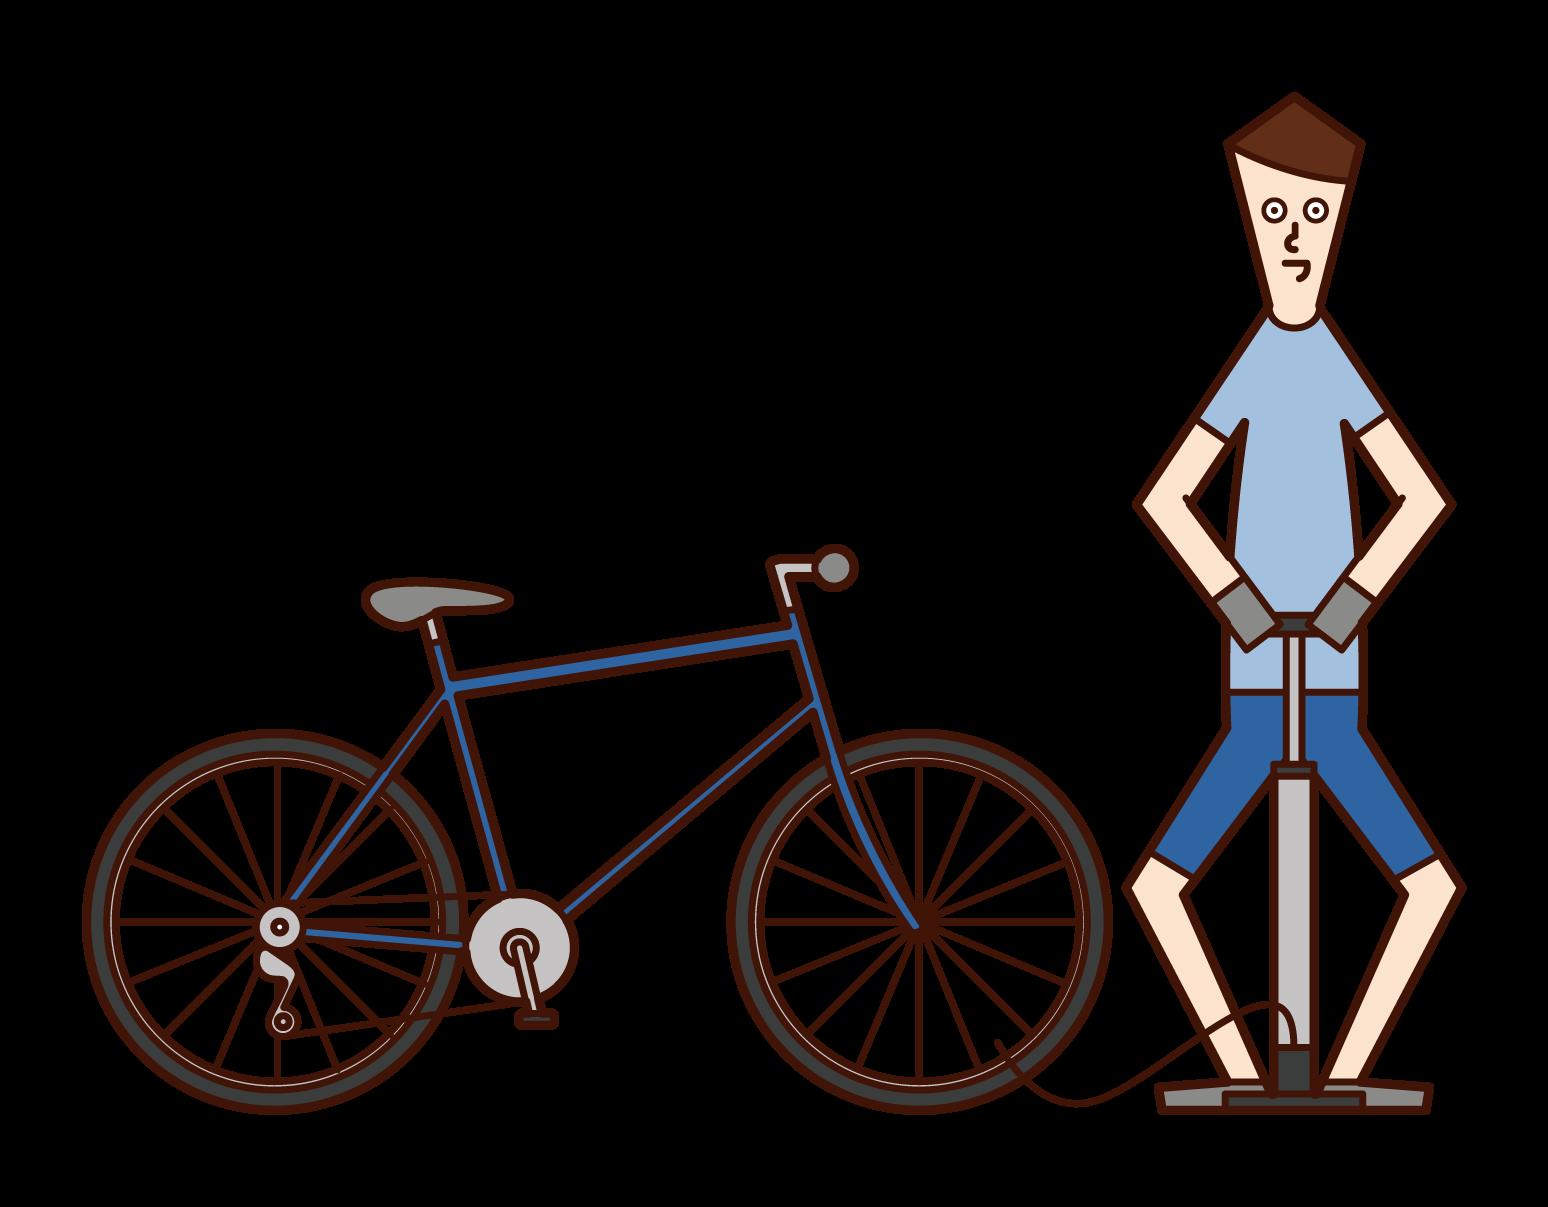 자전거 타이어에 공기를 넣은 사람(남성)의 일러스트